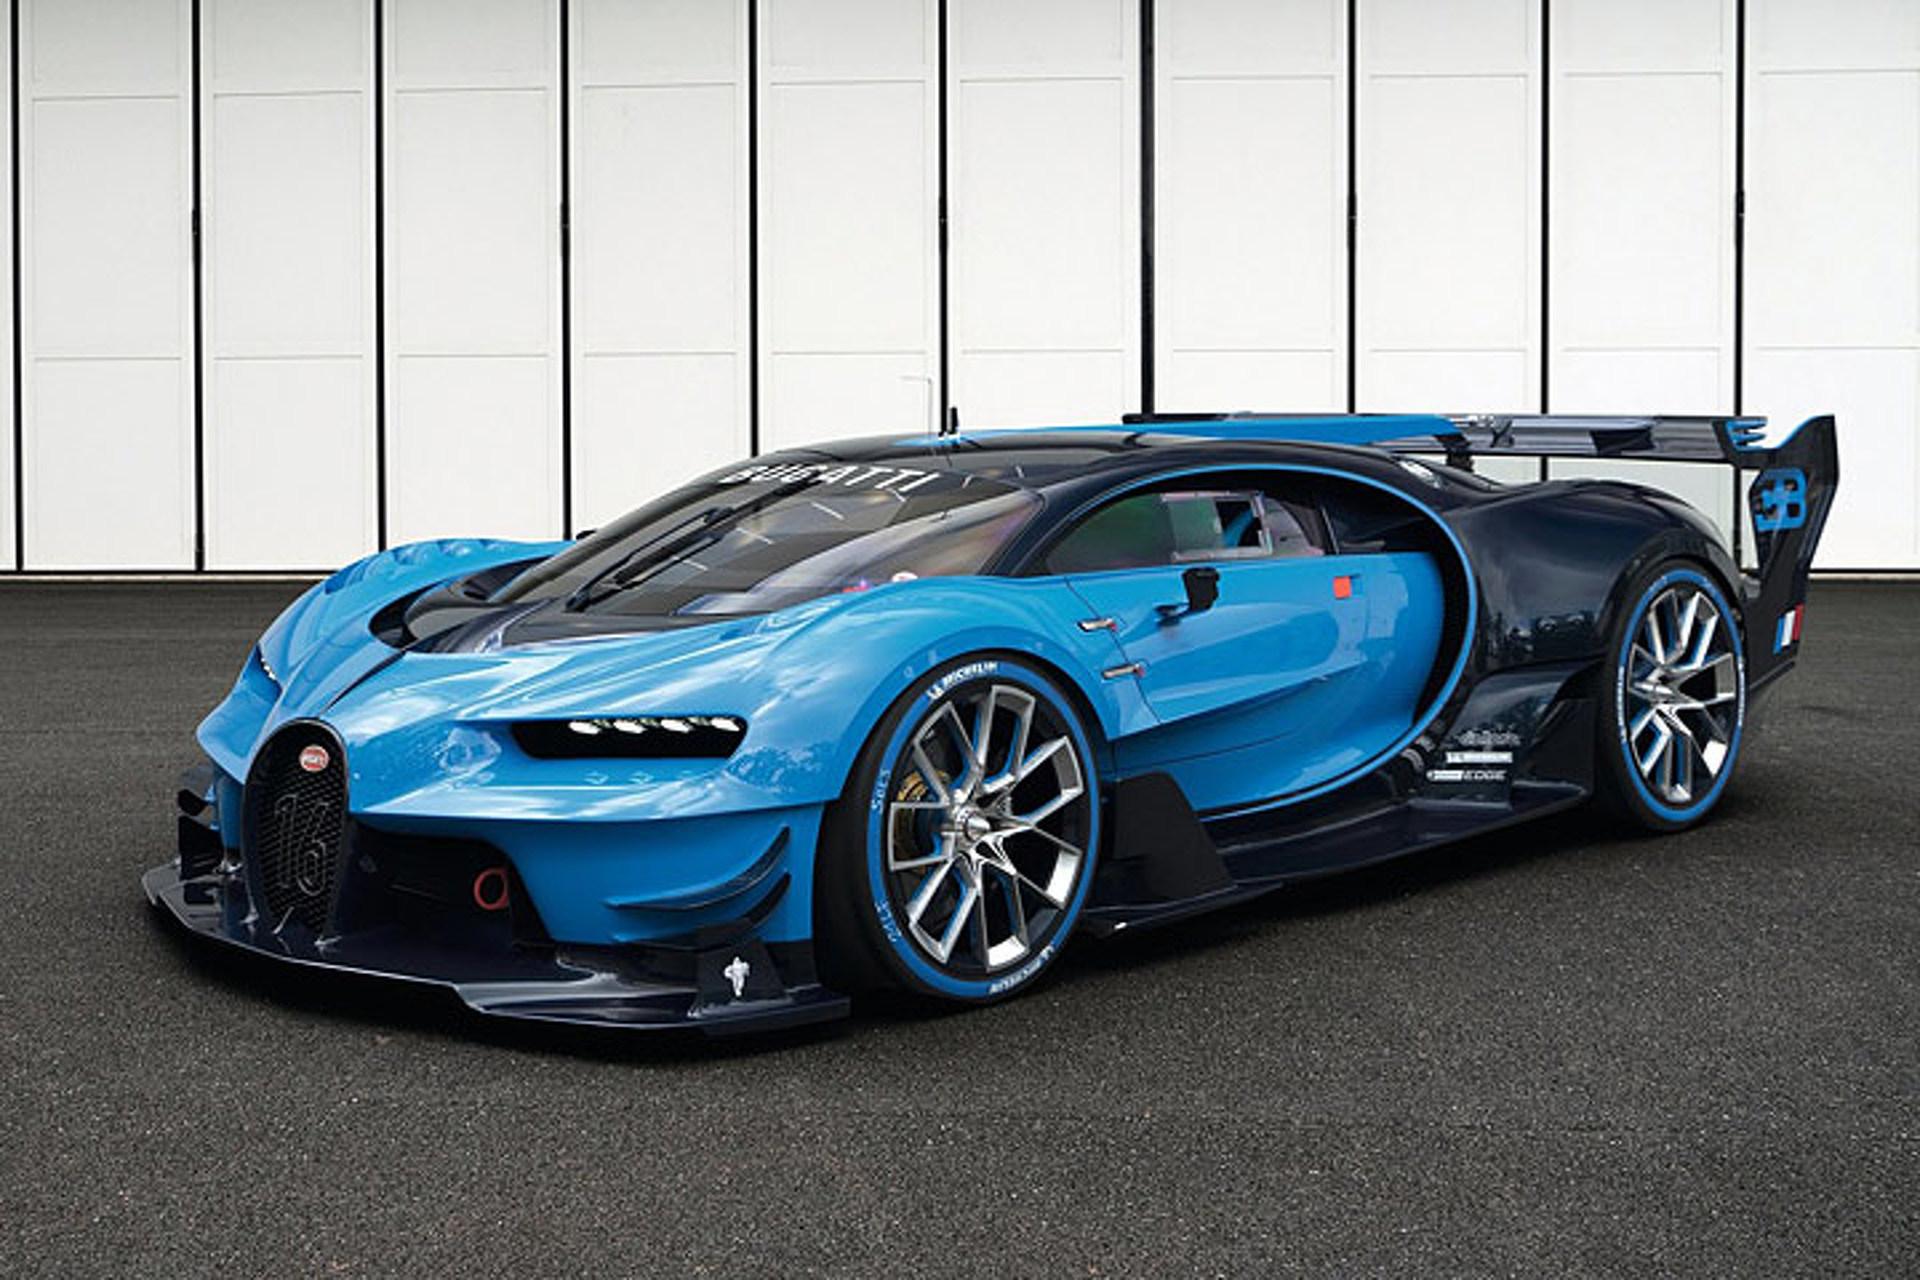 Bugatti Chiron Could Push 290 MPH